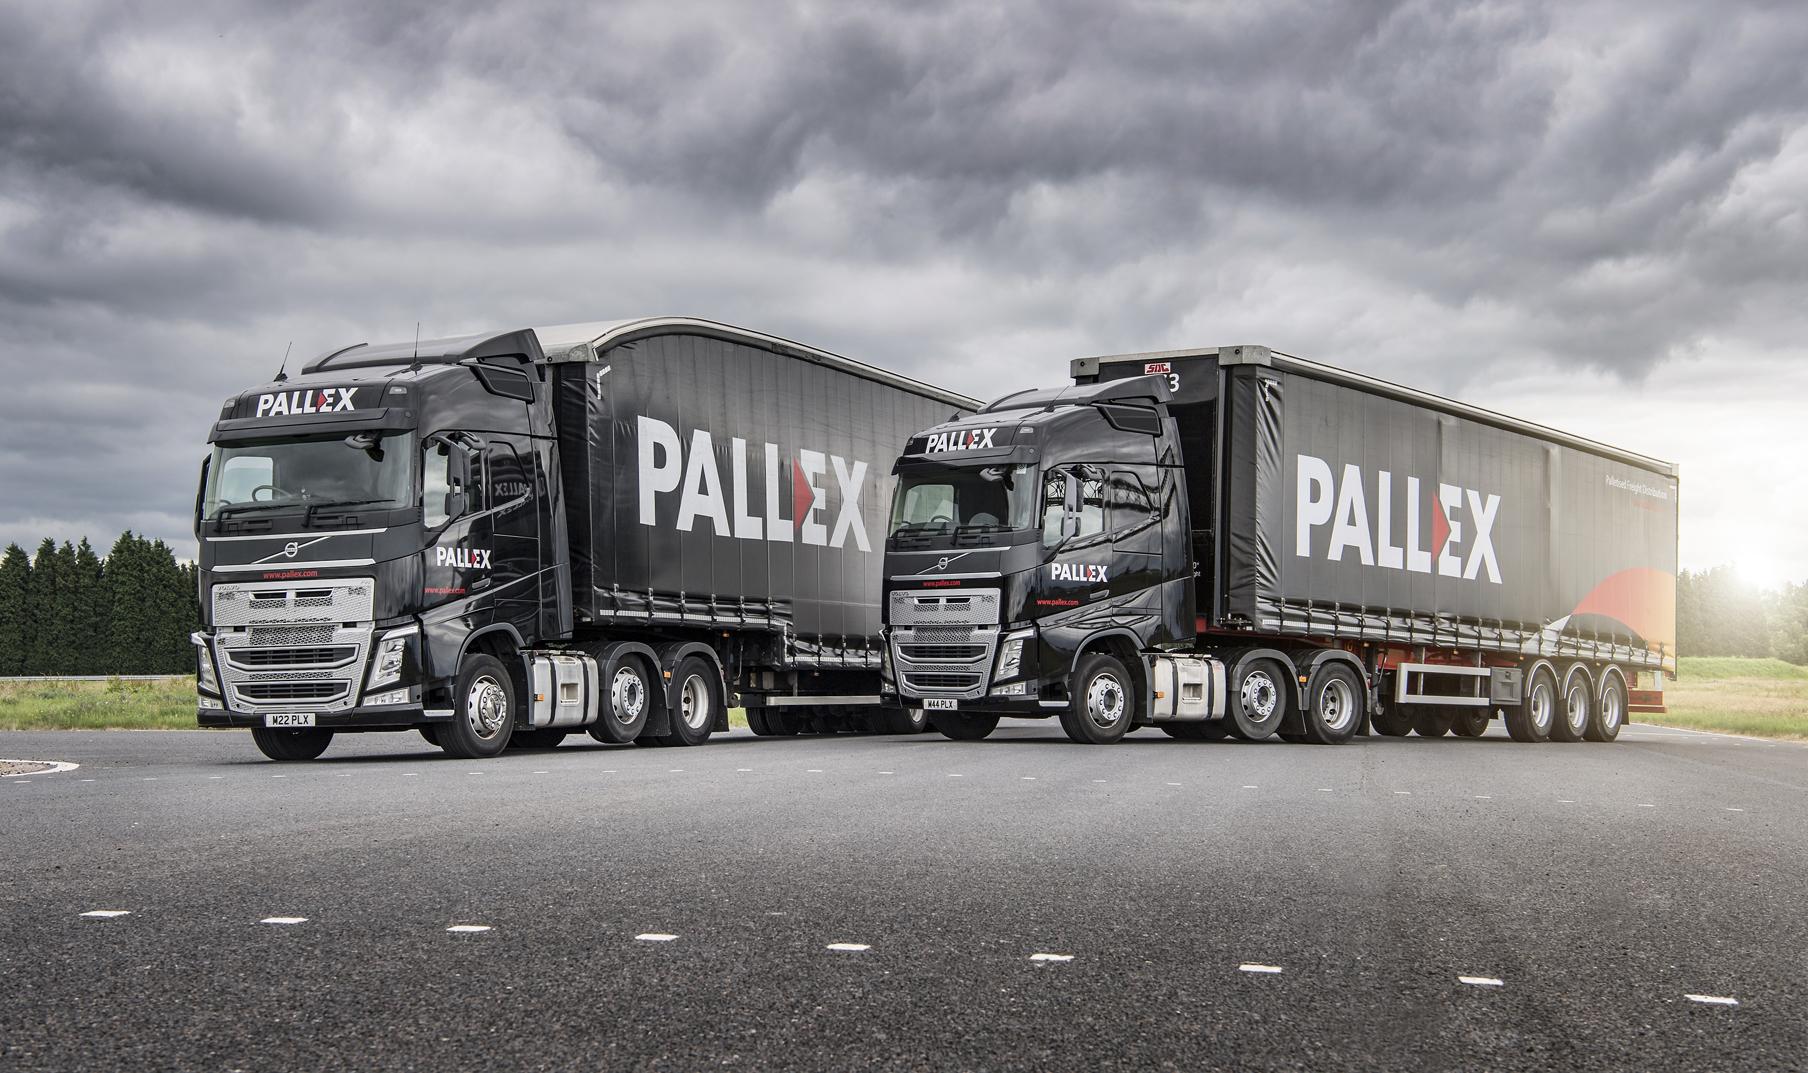 pallex-truck-01